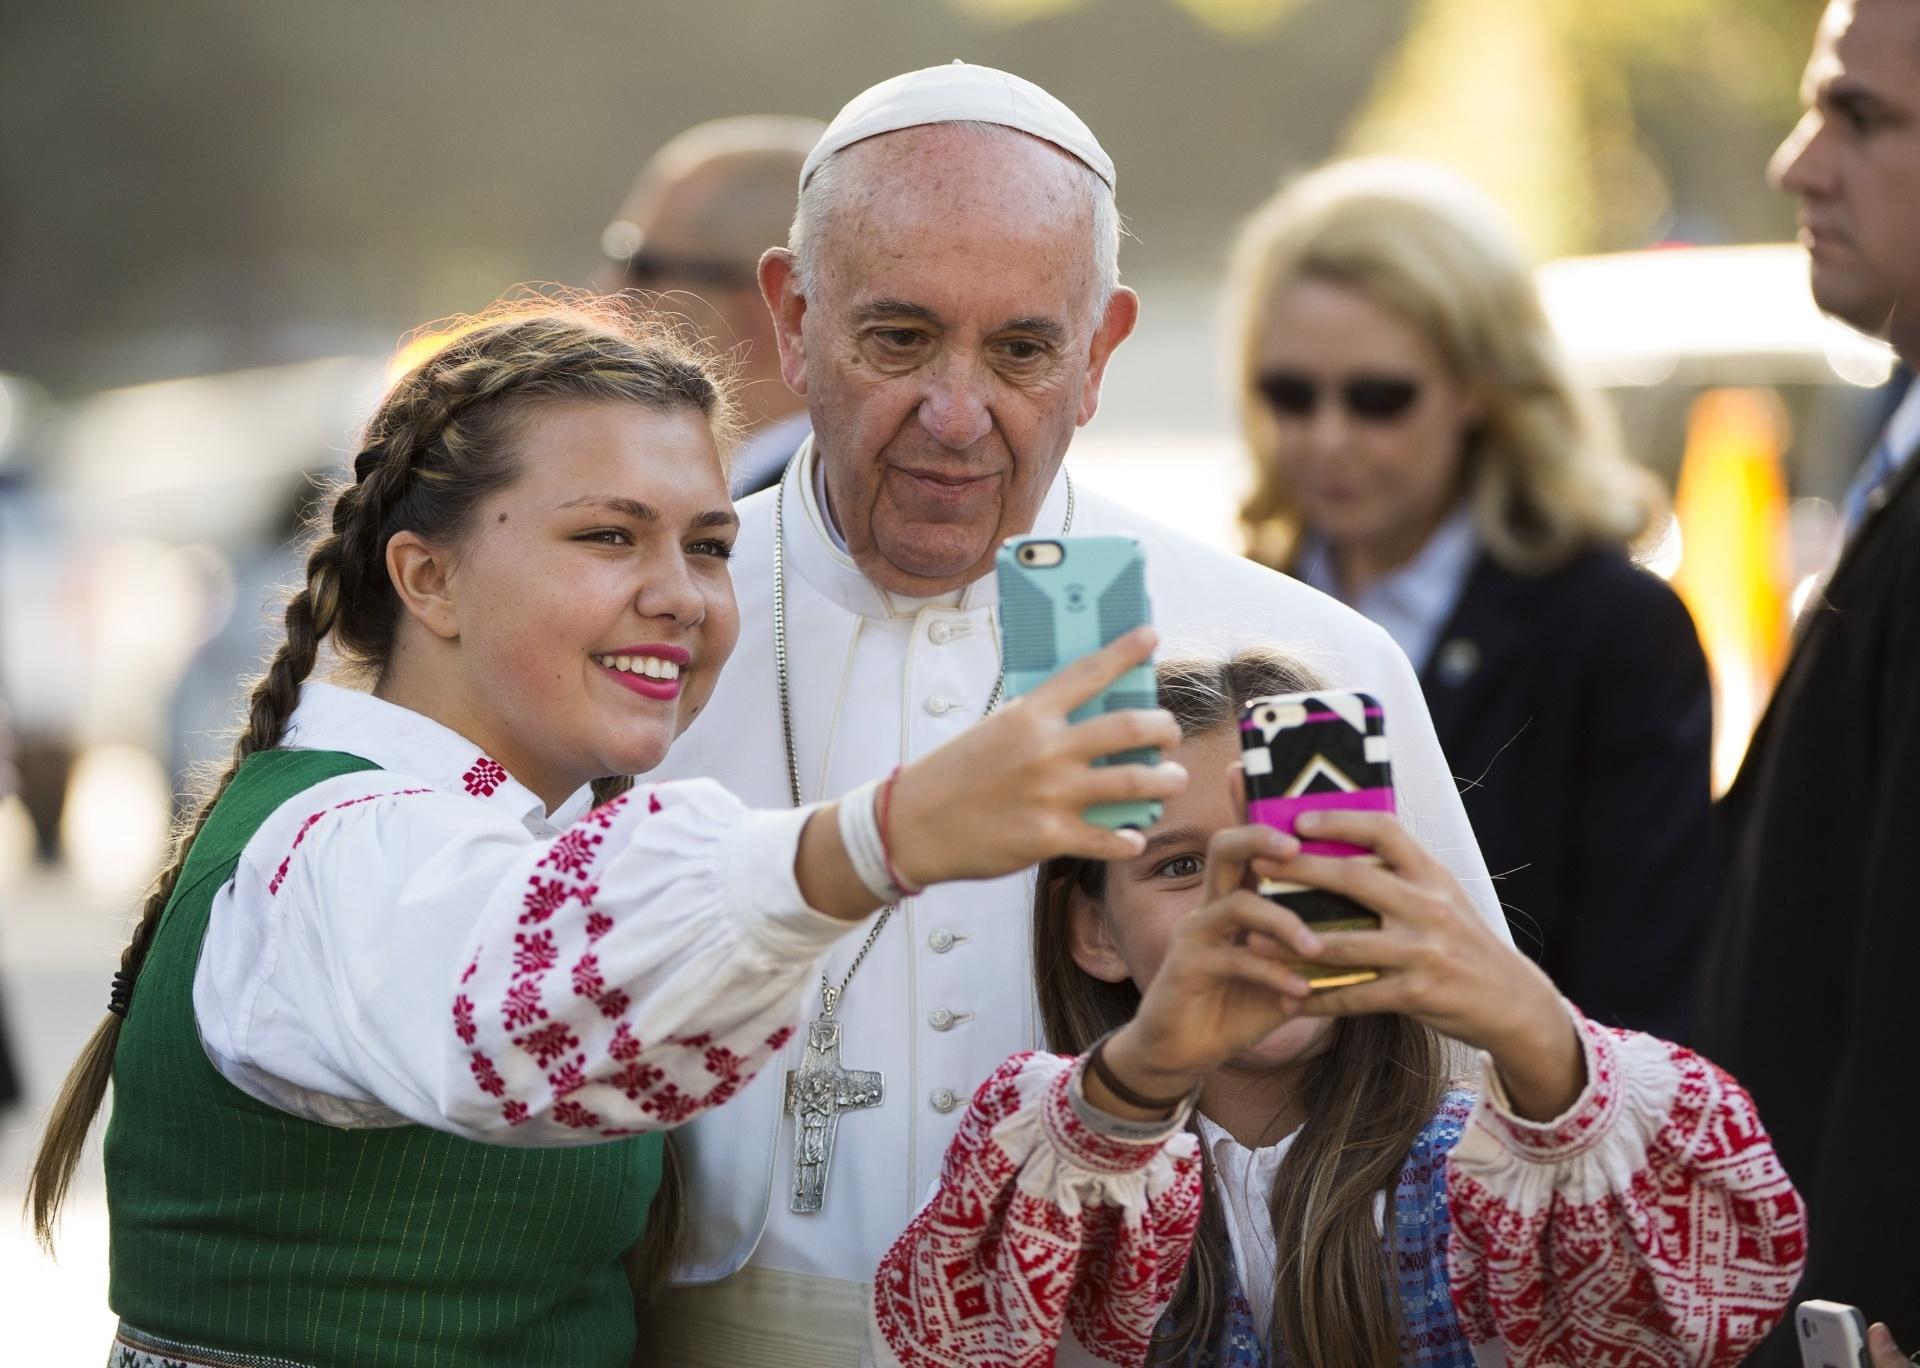 23.set.2015 - Papa Francisco tira uma foto com crianças cujos pais trabalham na Embaixada da Lituânia, em Washington, DC, nos Estados Unidos. O pontífice vai se encontrar com o presidente Barack Obama na Casa Branca onde devem discutir, entre outros temas, imigração, embargo econômico de Cuba e aquecimento global